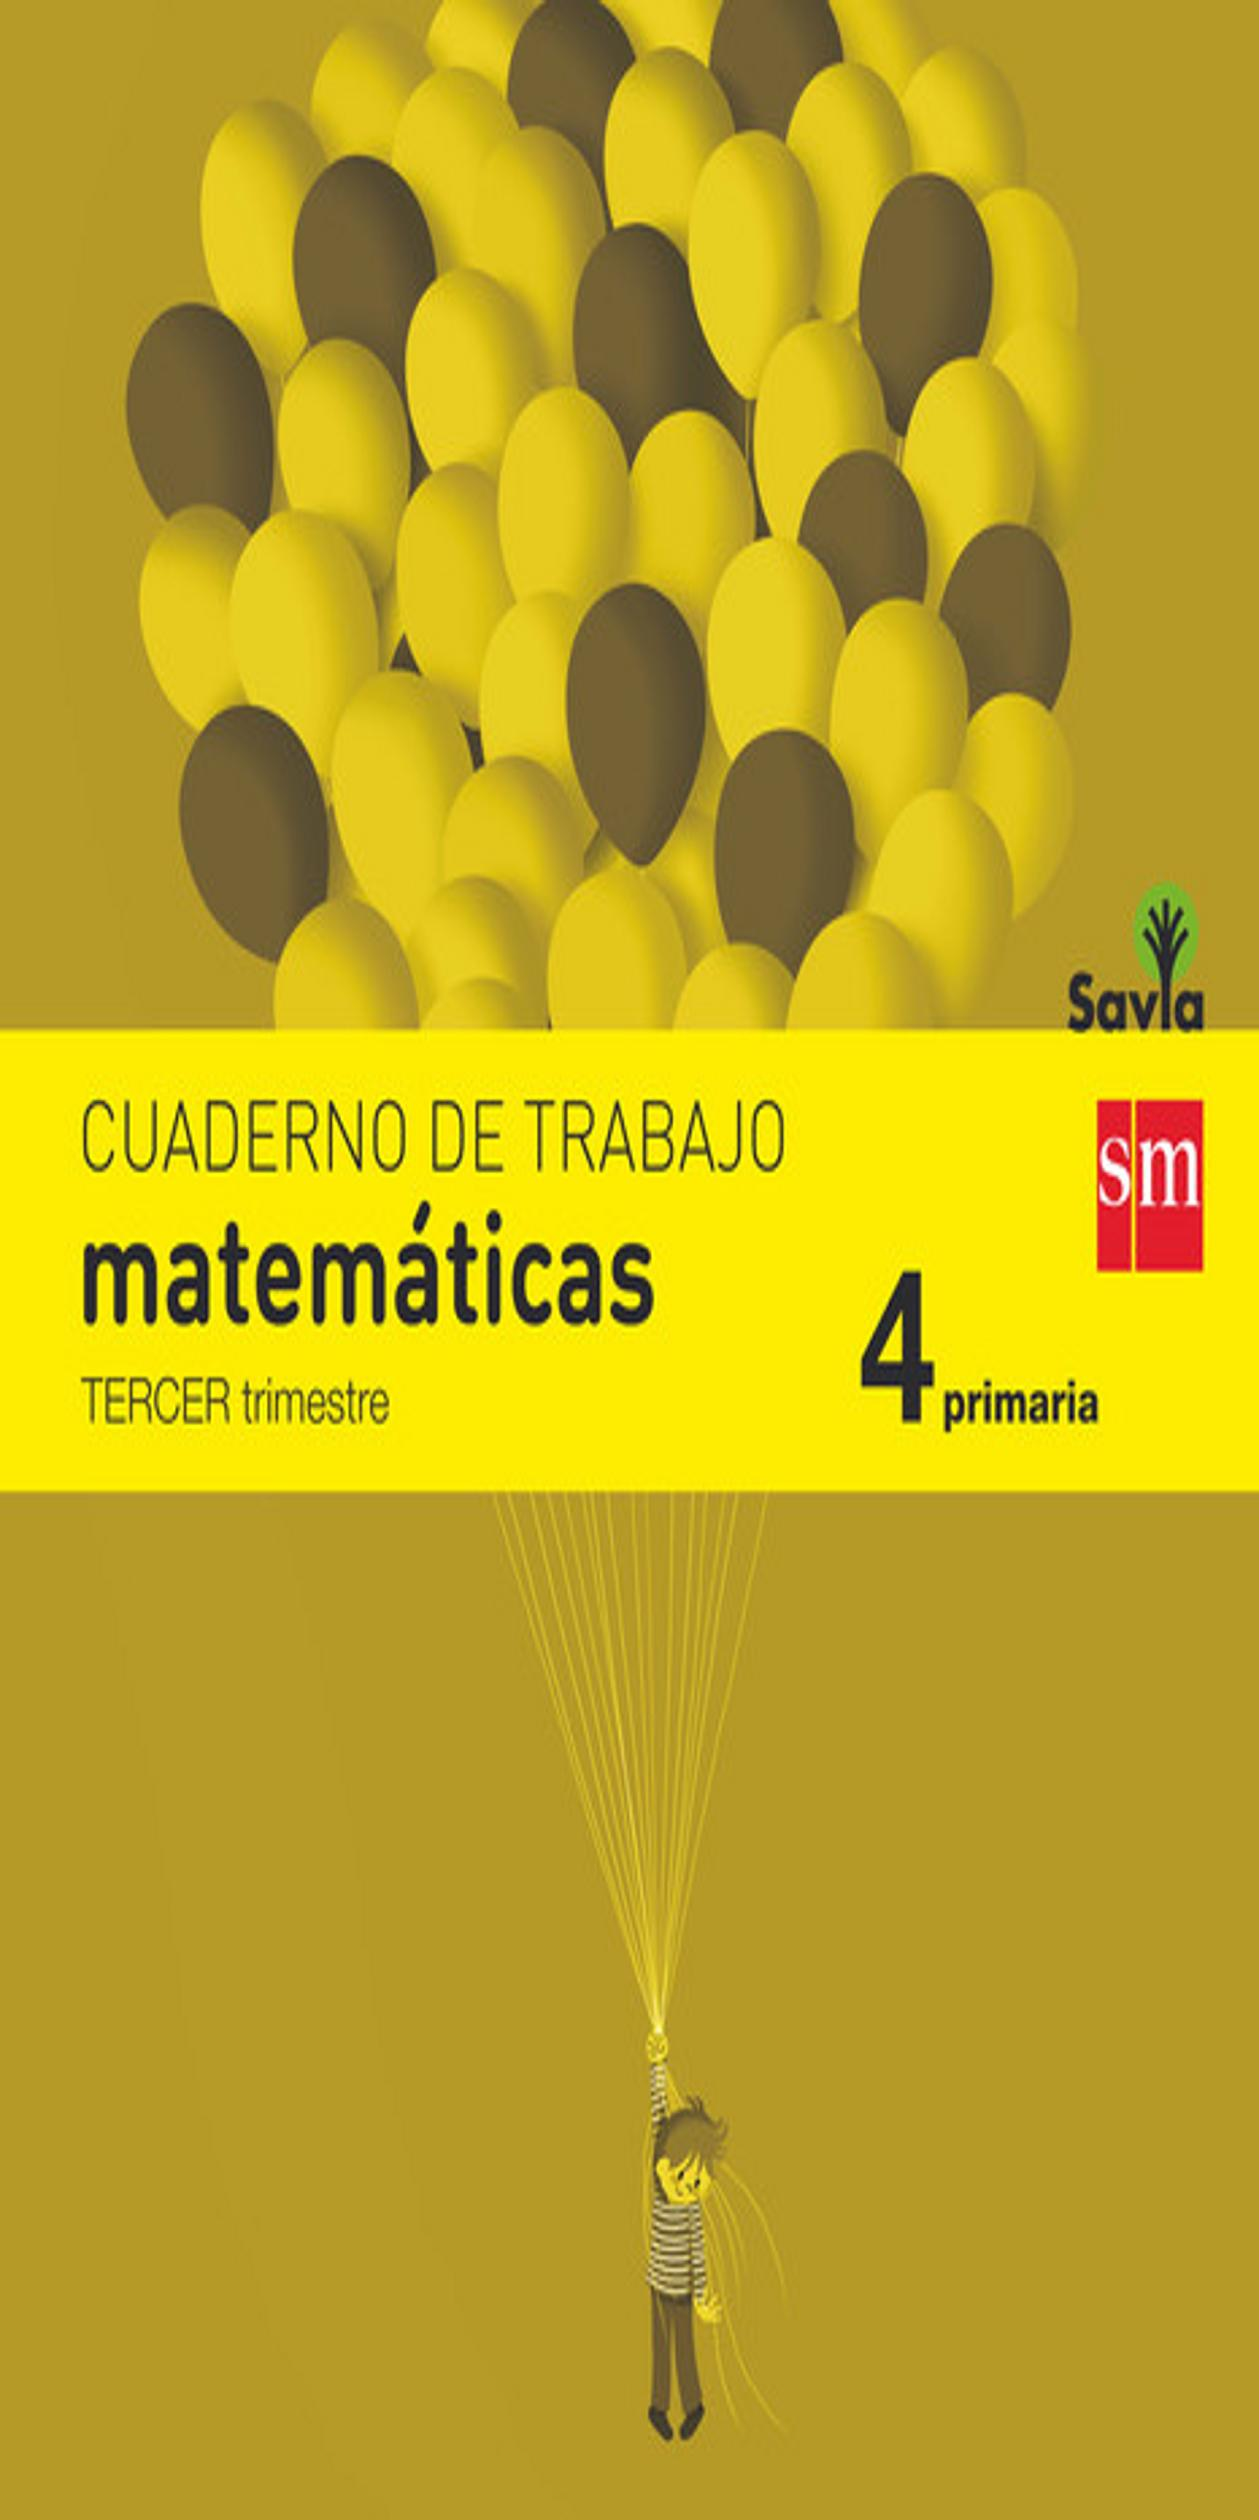 CUADERNO MATEMÁTICAS 4º PRIM 3er Trimestre - Proyecto Savia